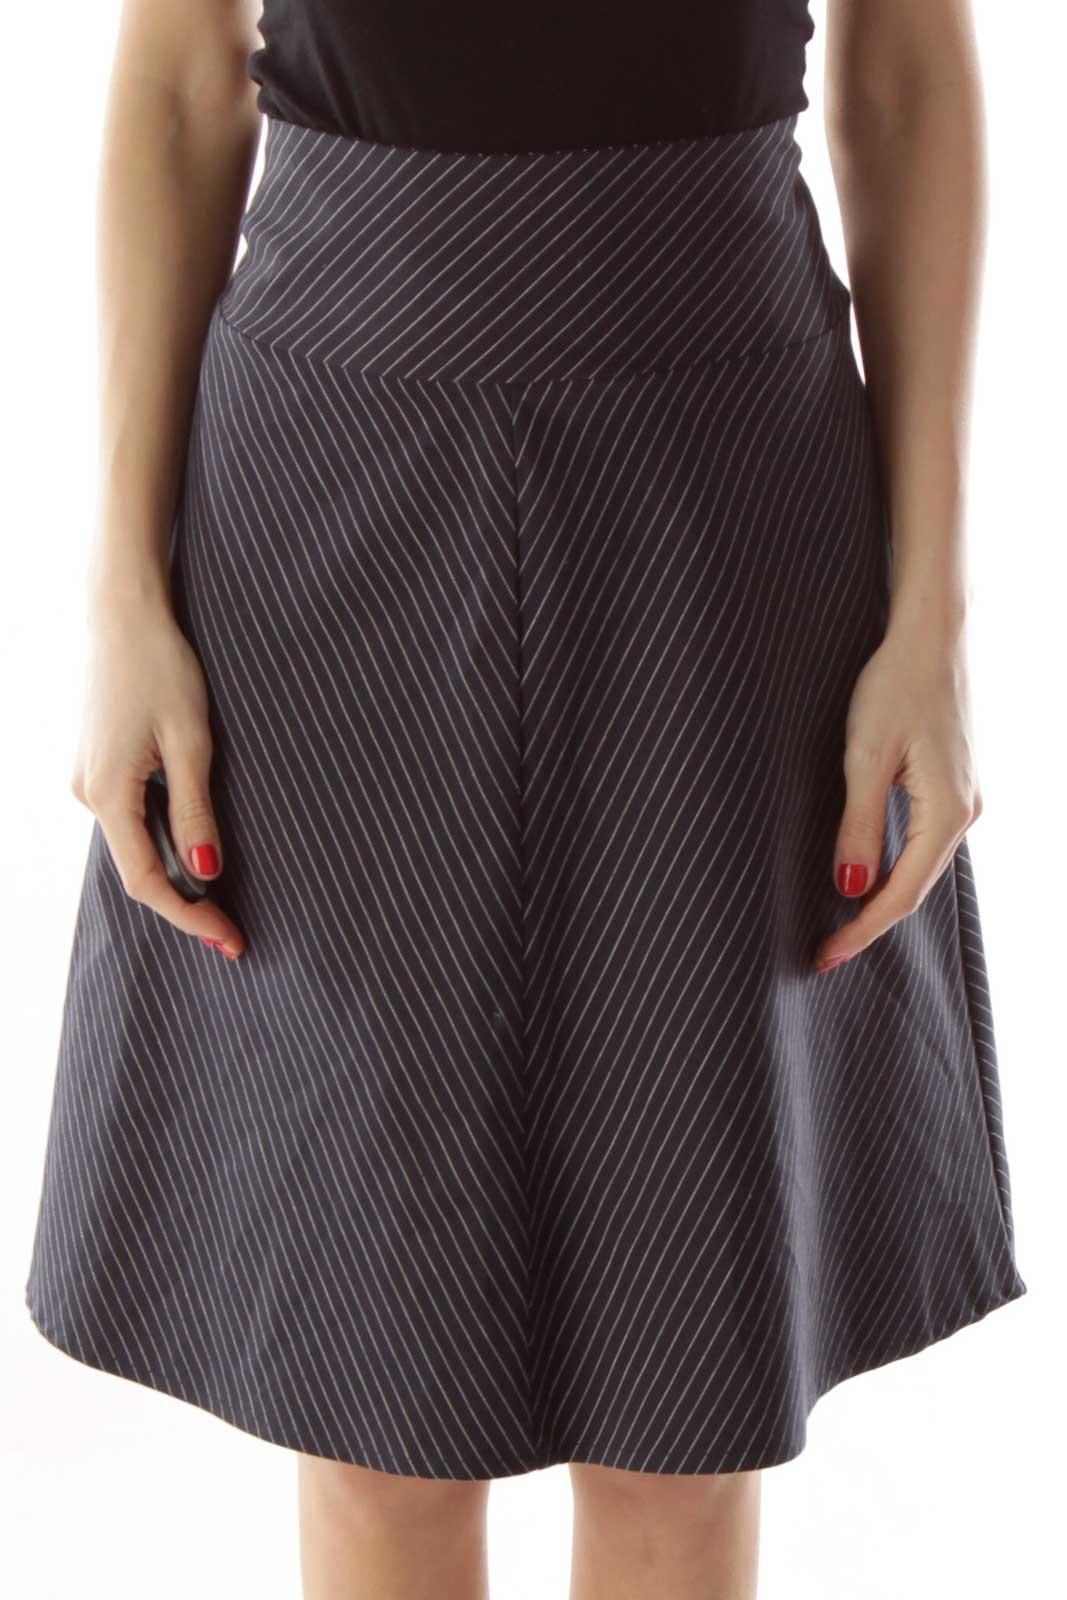 Black & White Pinstripe Skirt Front